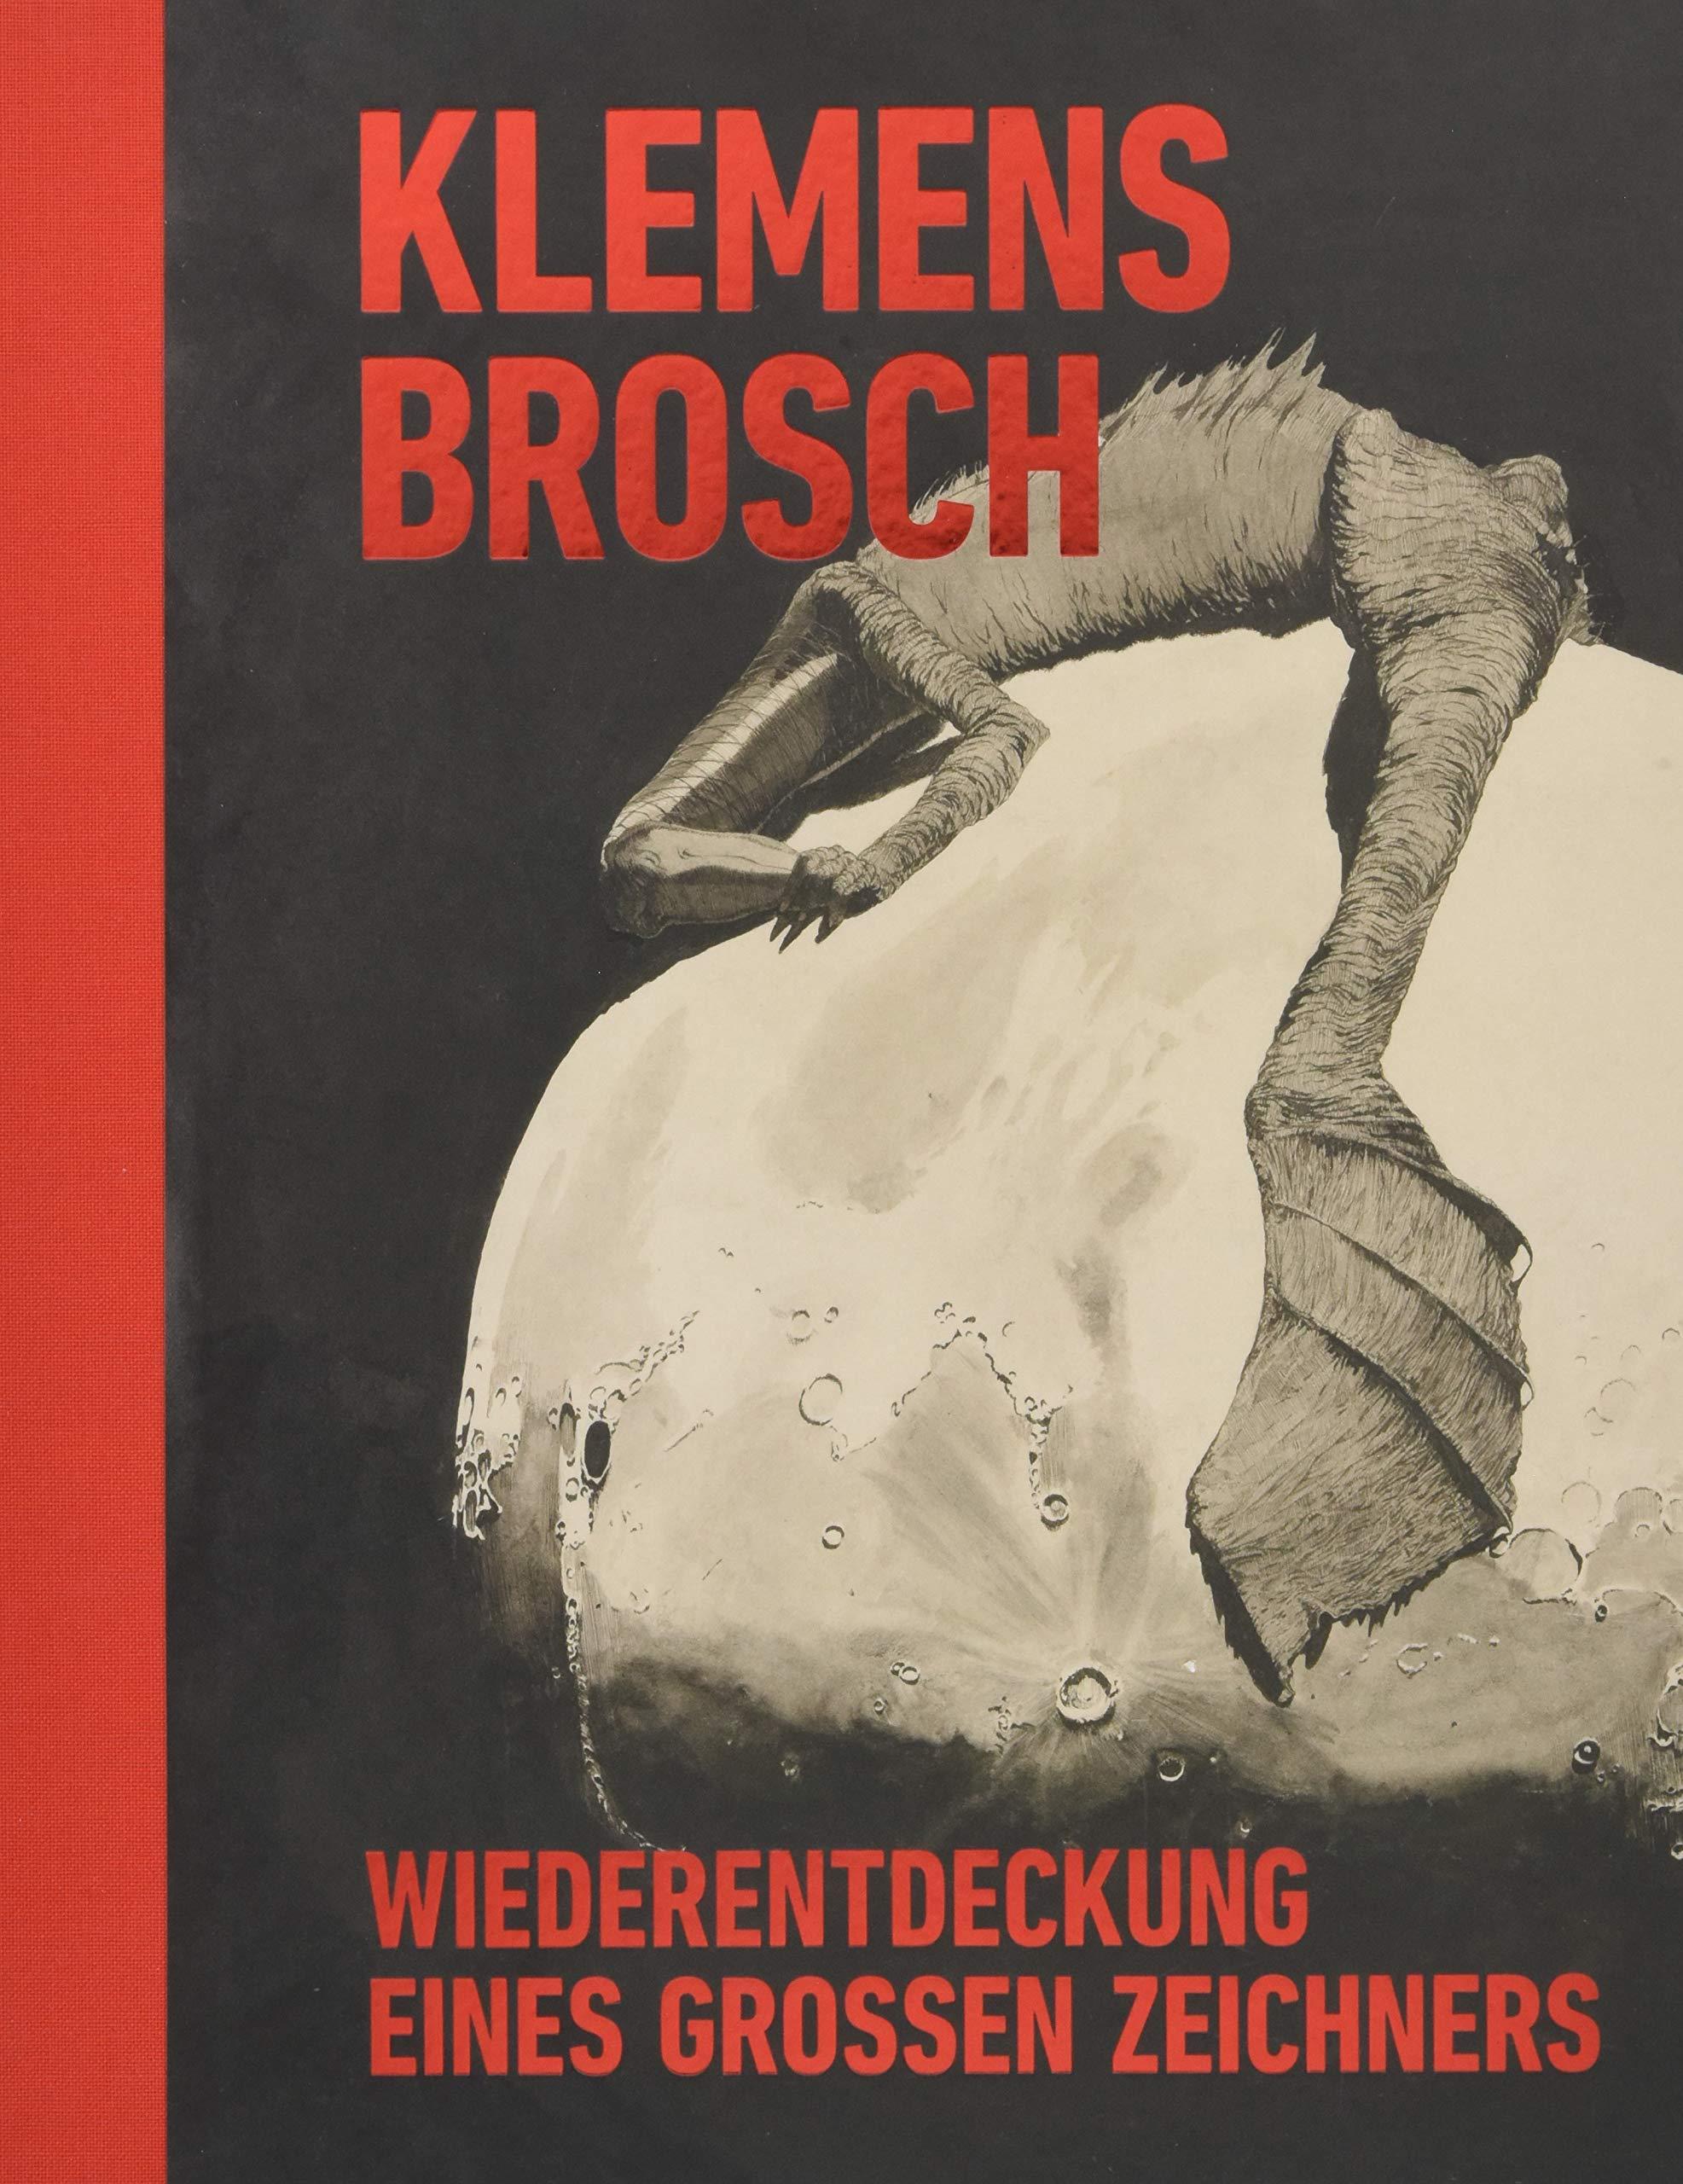 Klemens Brosch (1894–1926): Wiederentdeckung eines großen Zeichners